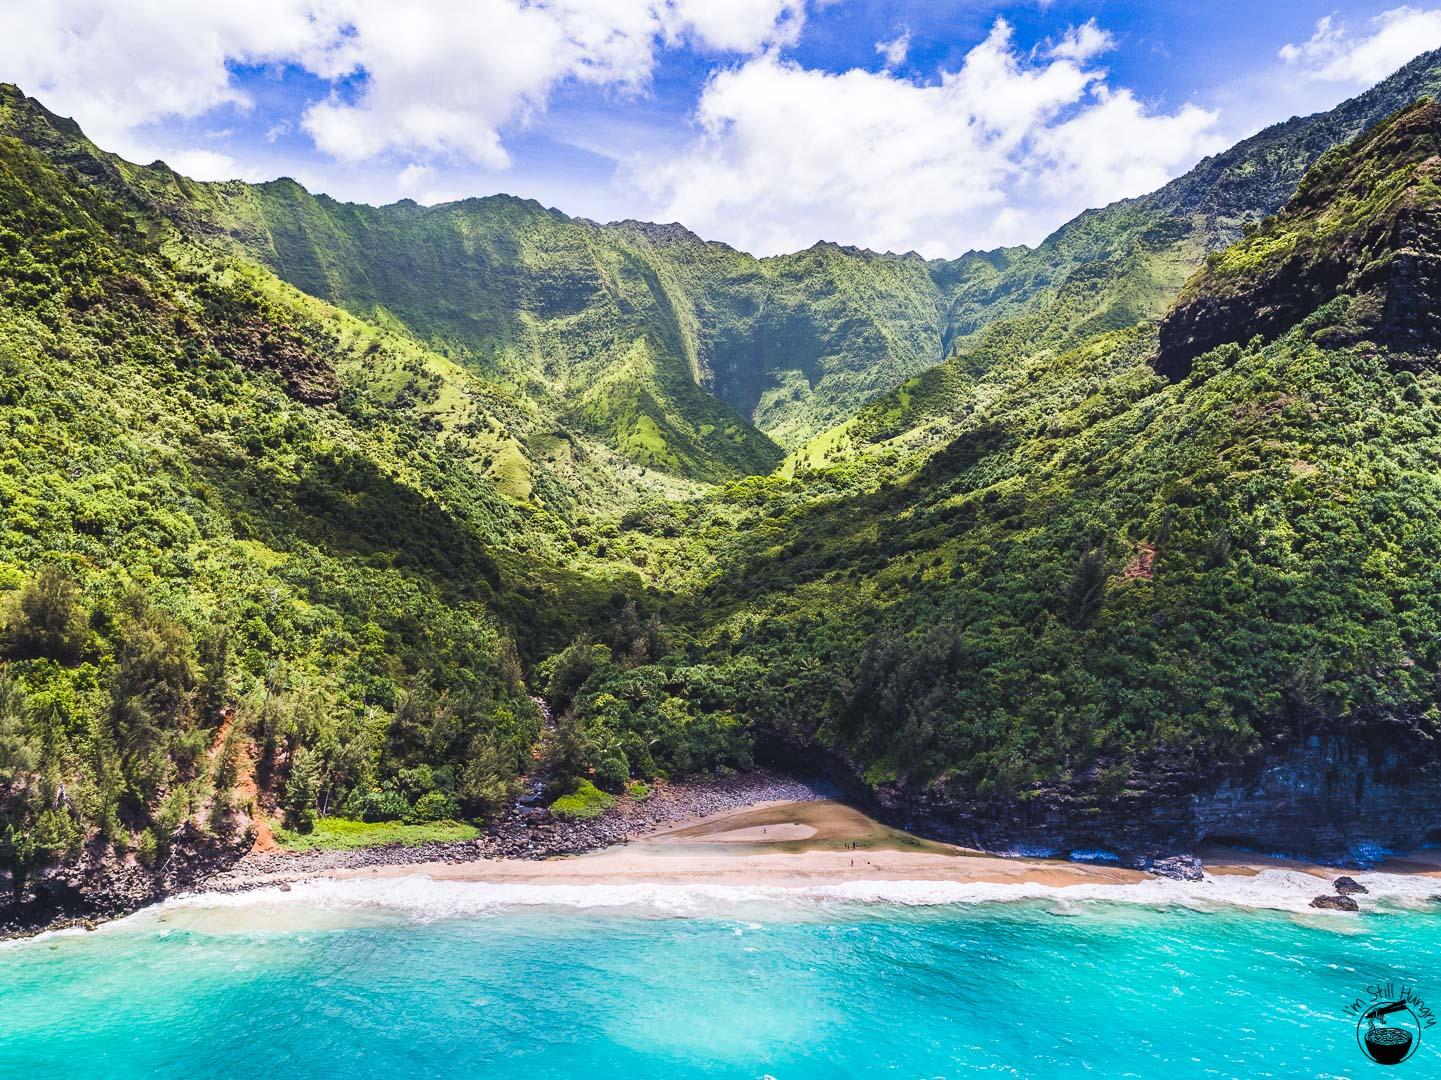 Hanakapiai Beach Kauai Hawaii